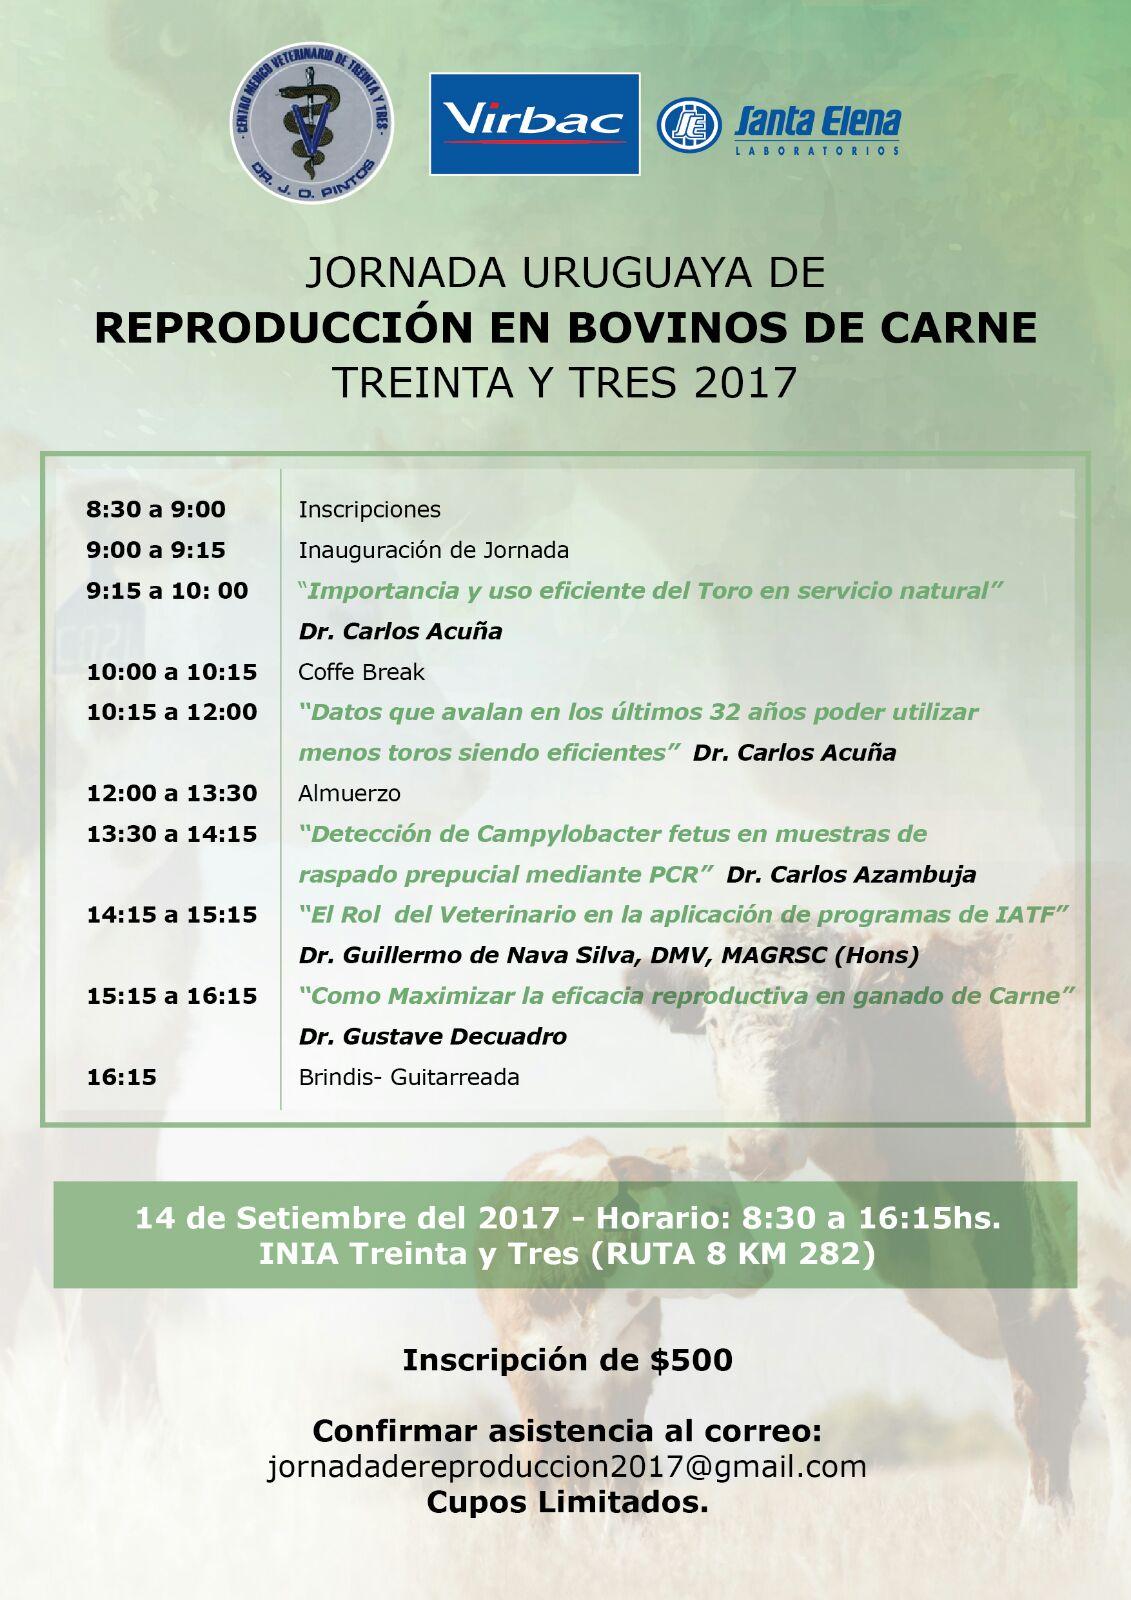 Jornada Uruguaya de Reproducción en Bovinos de Carne